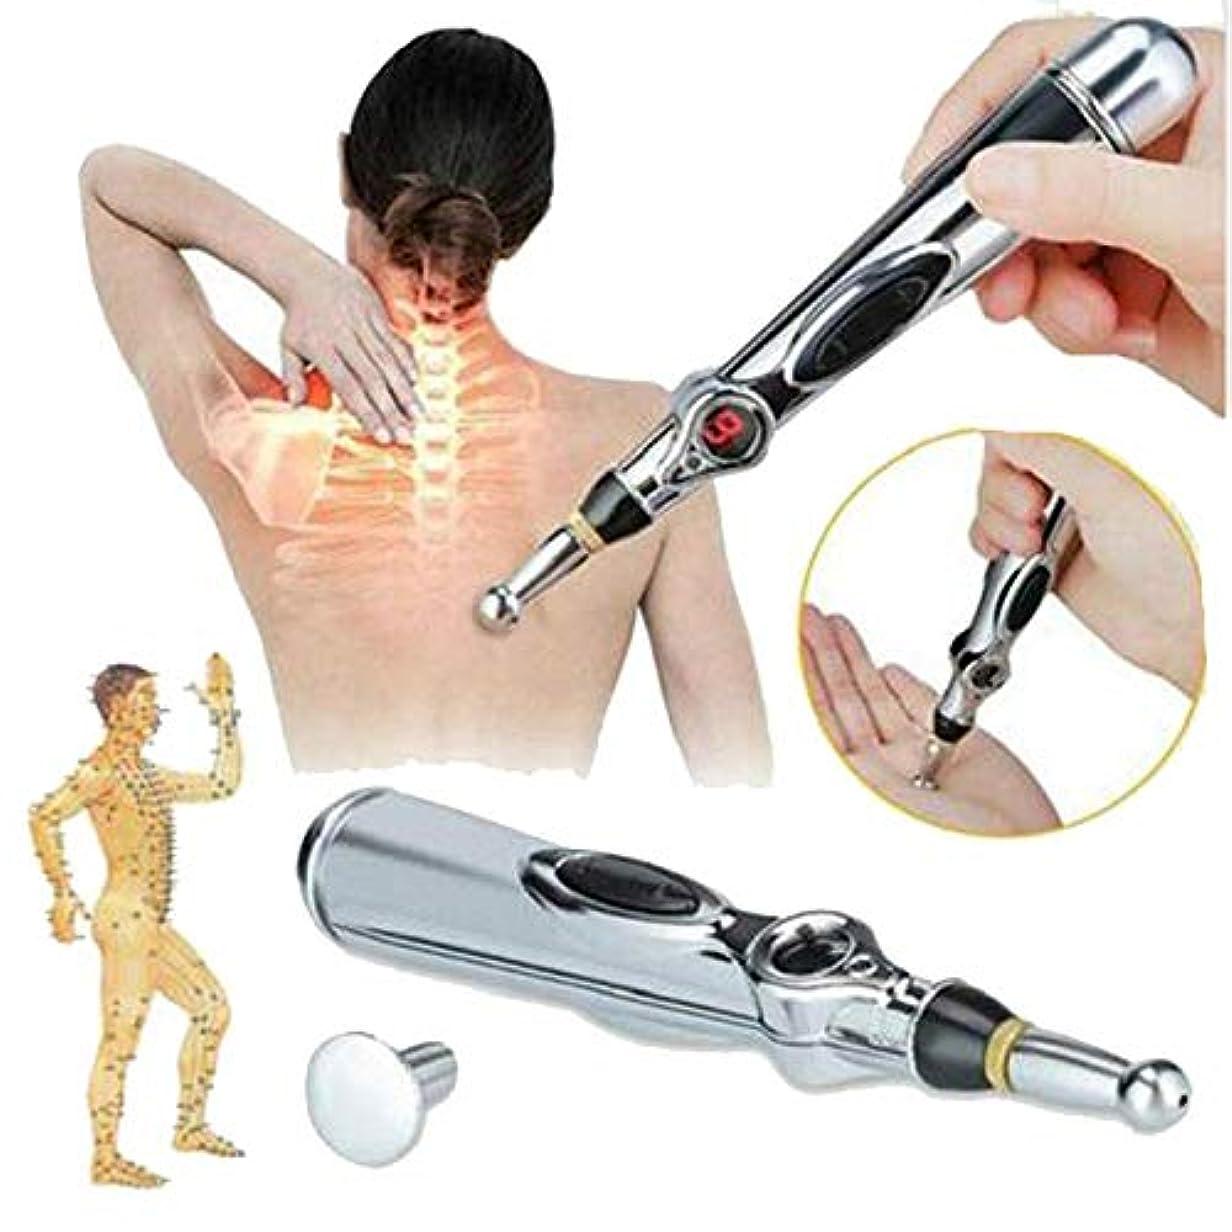 辛な必須休戦電子鍼ペン、電子経絡レーザー治療、マッサージペン、経絡エネルギーペン、痛み緩和ツール